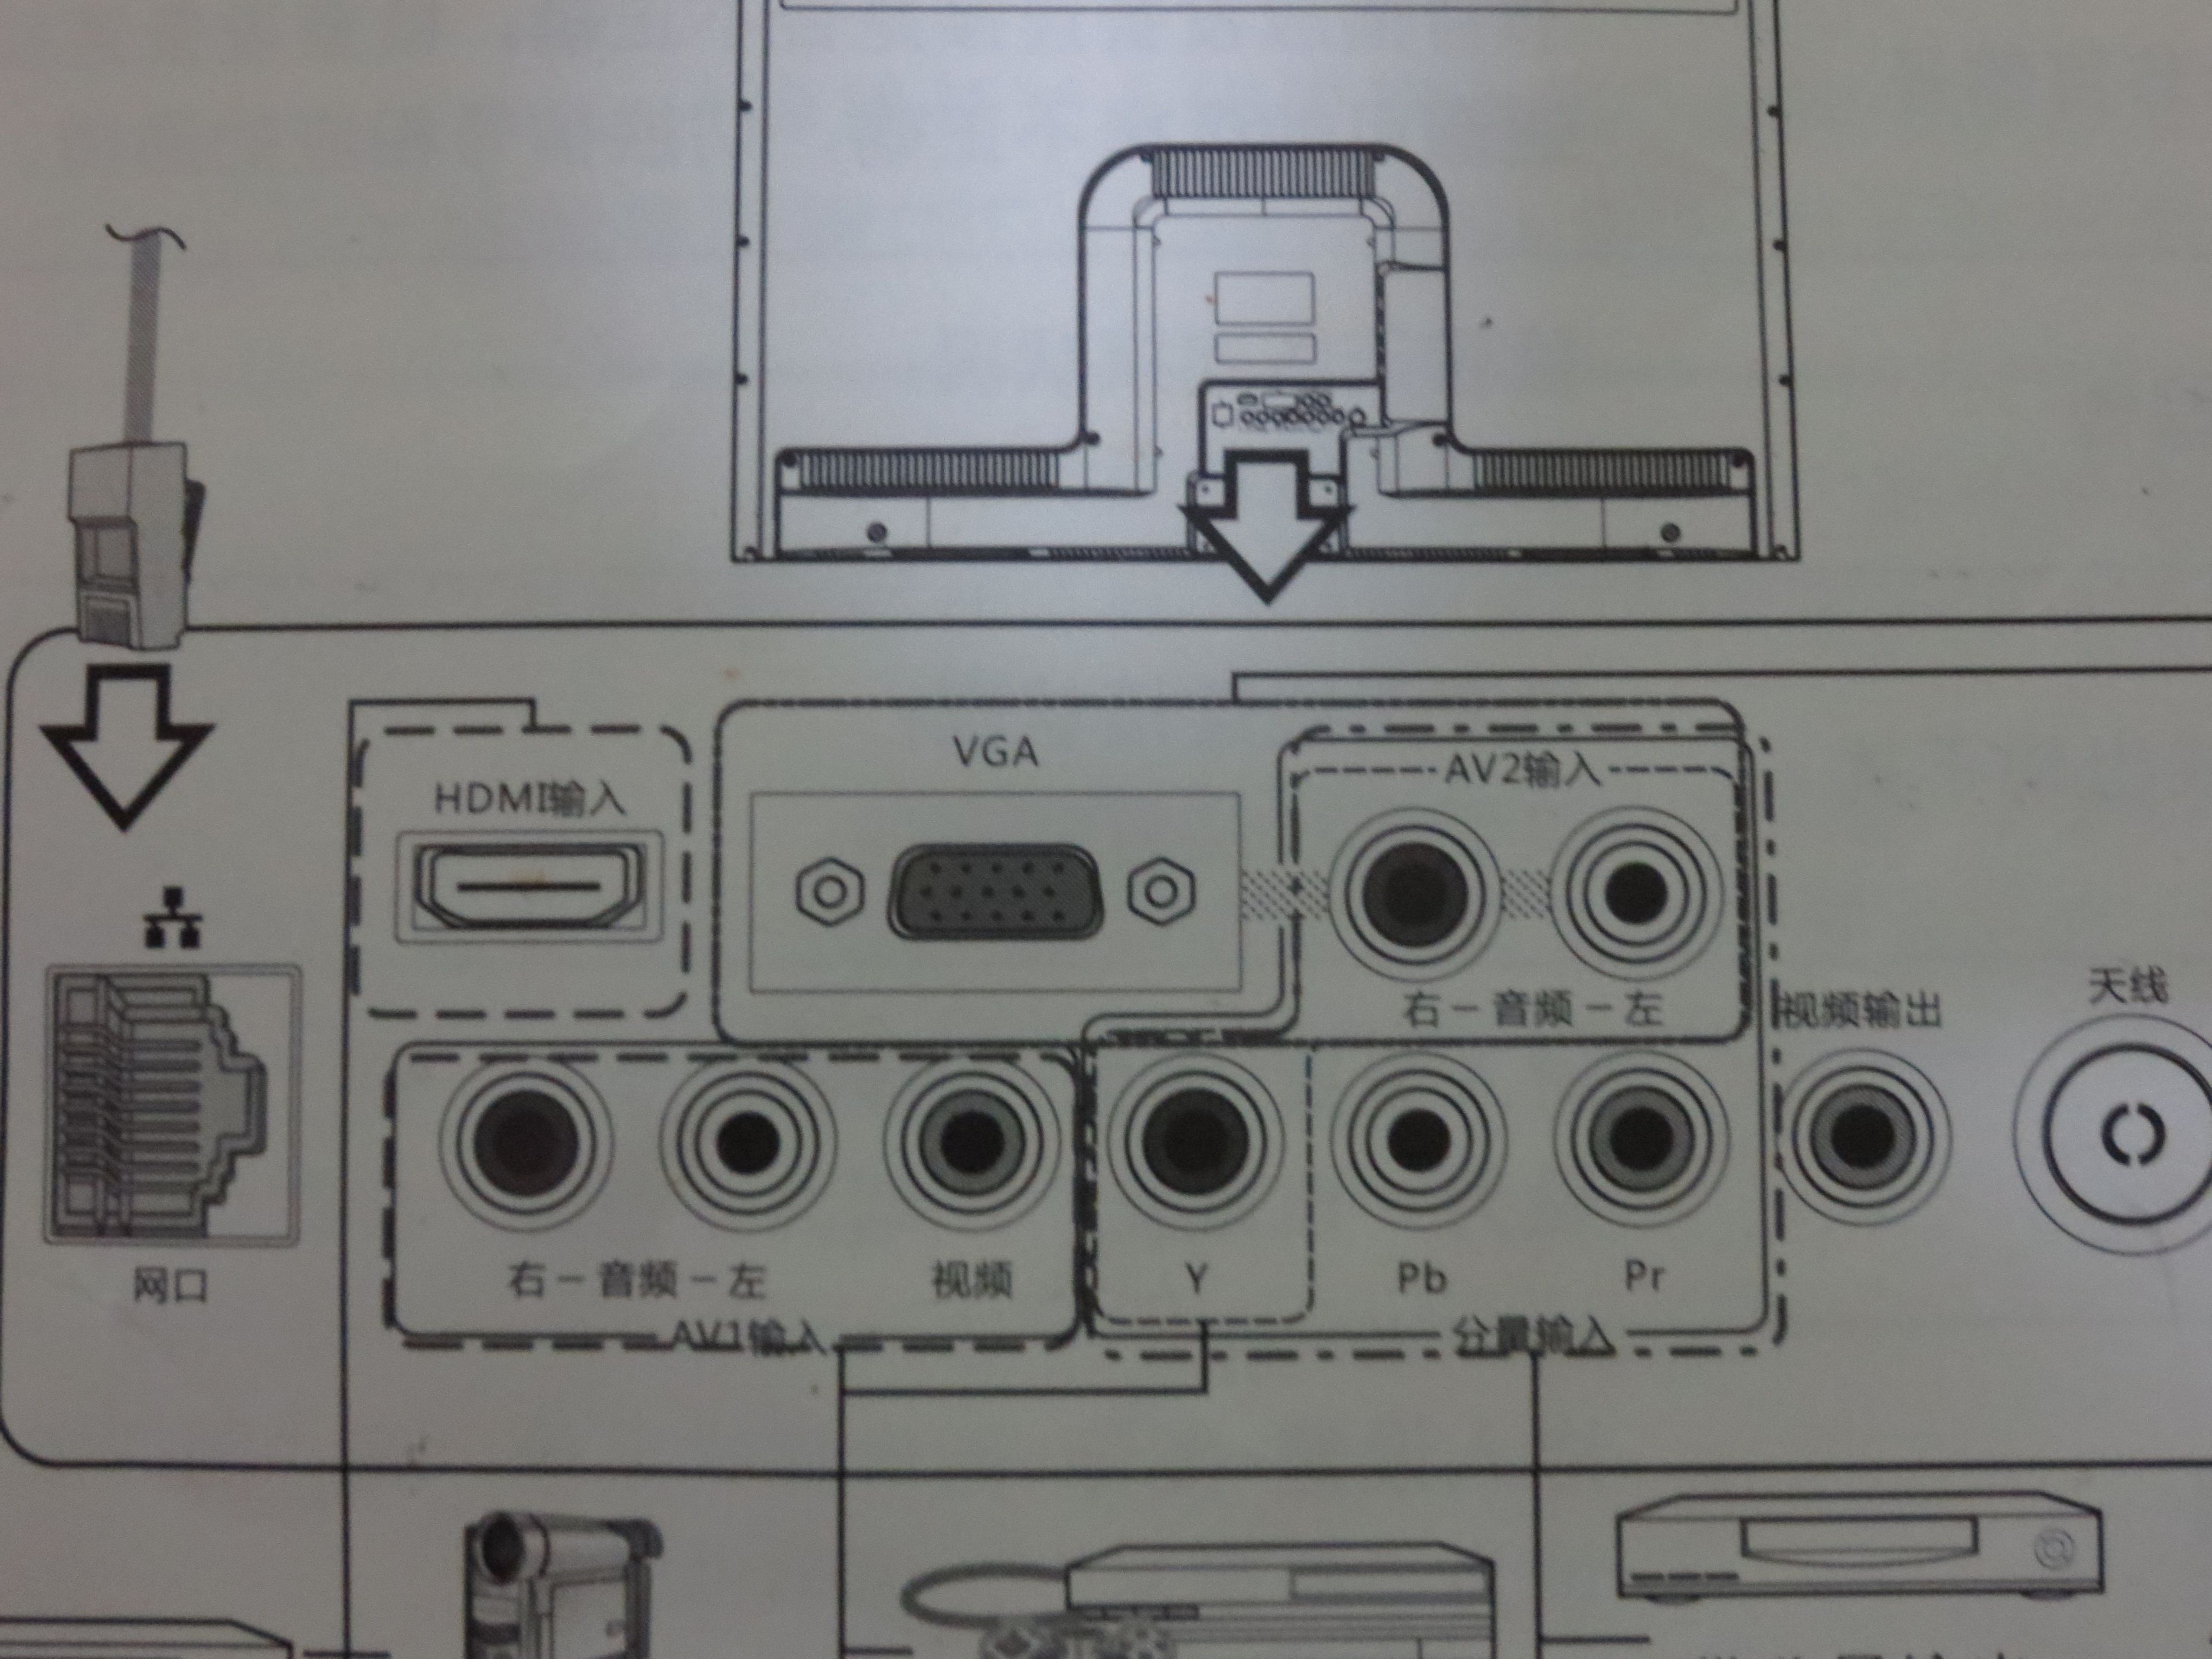 我的康佳液晶led37f2200ne电视机,后面没音频输出,我想接家庭影院的图片